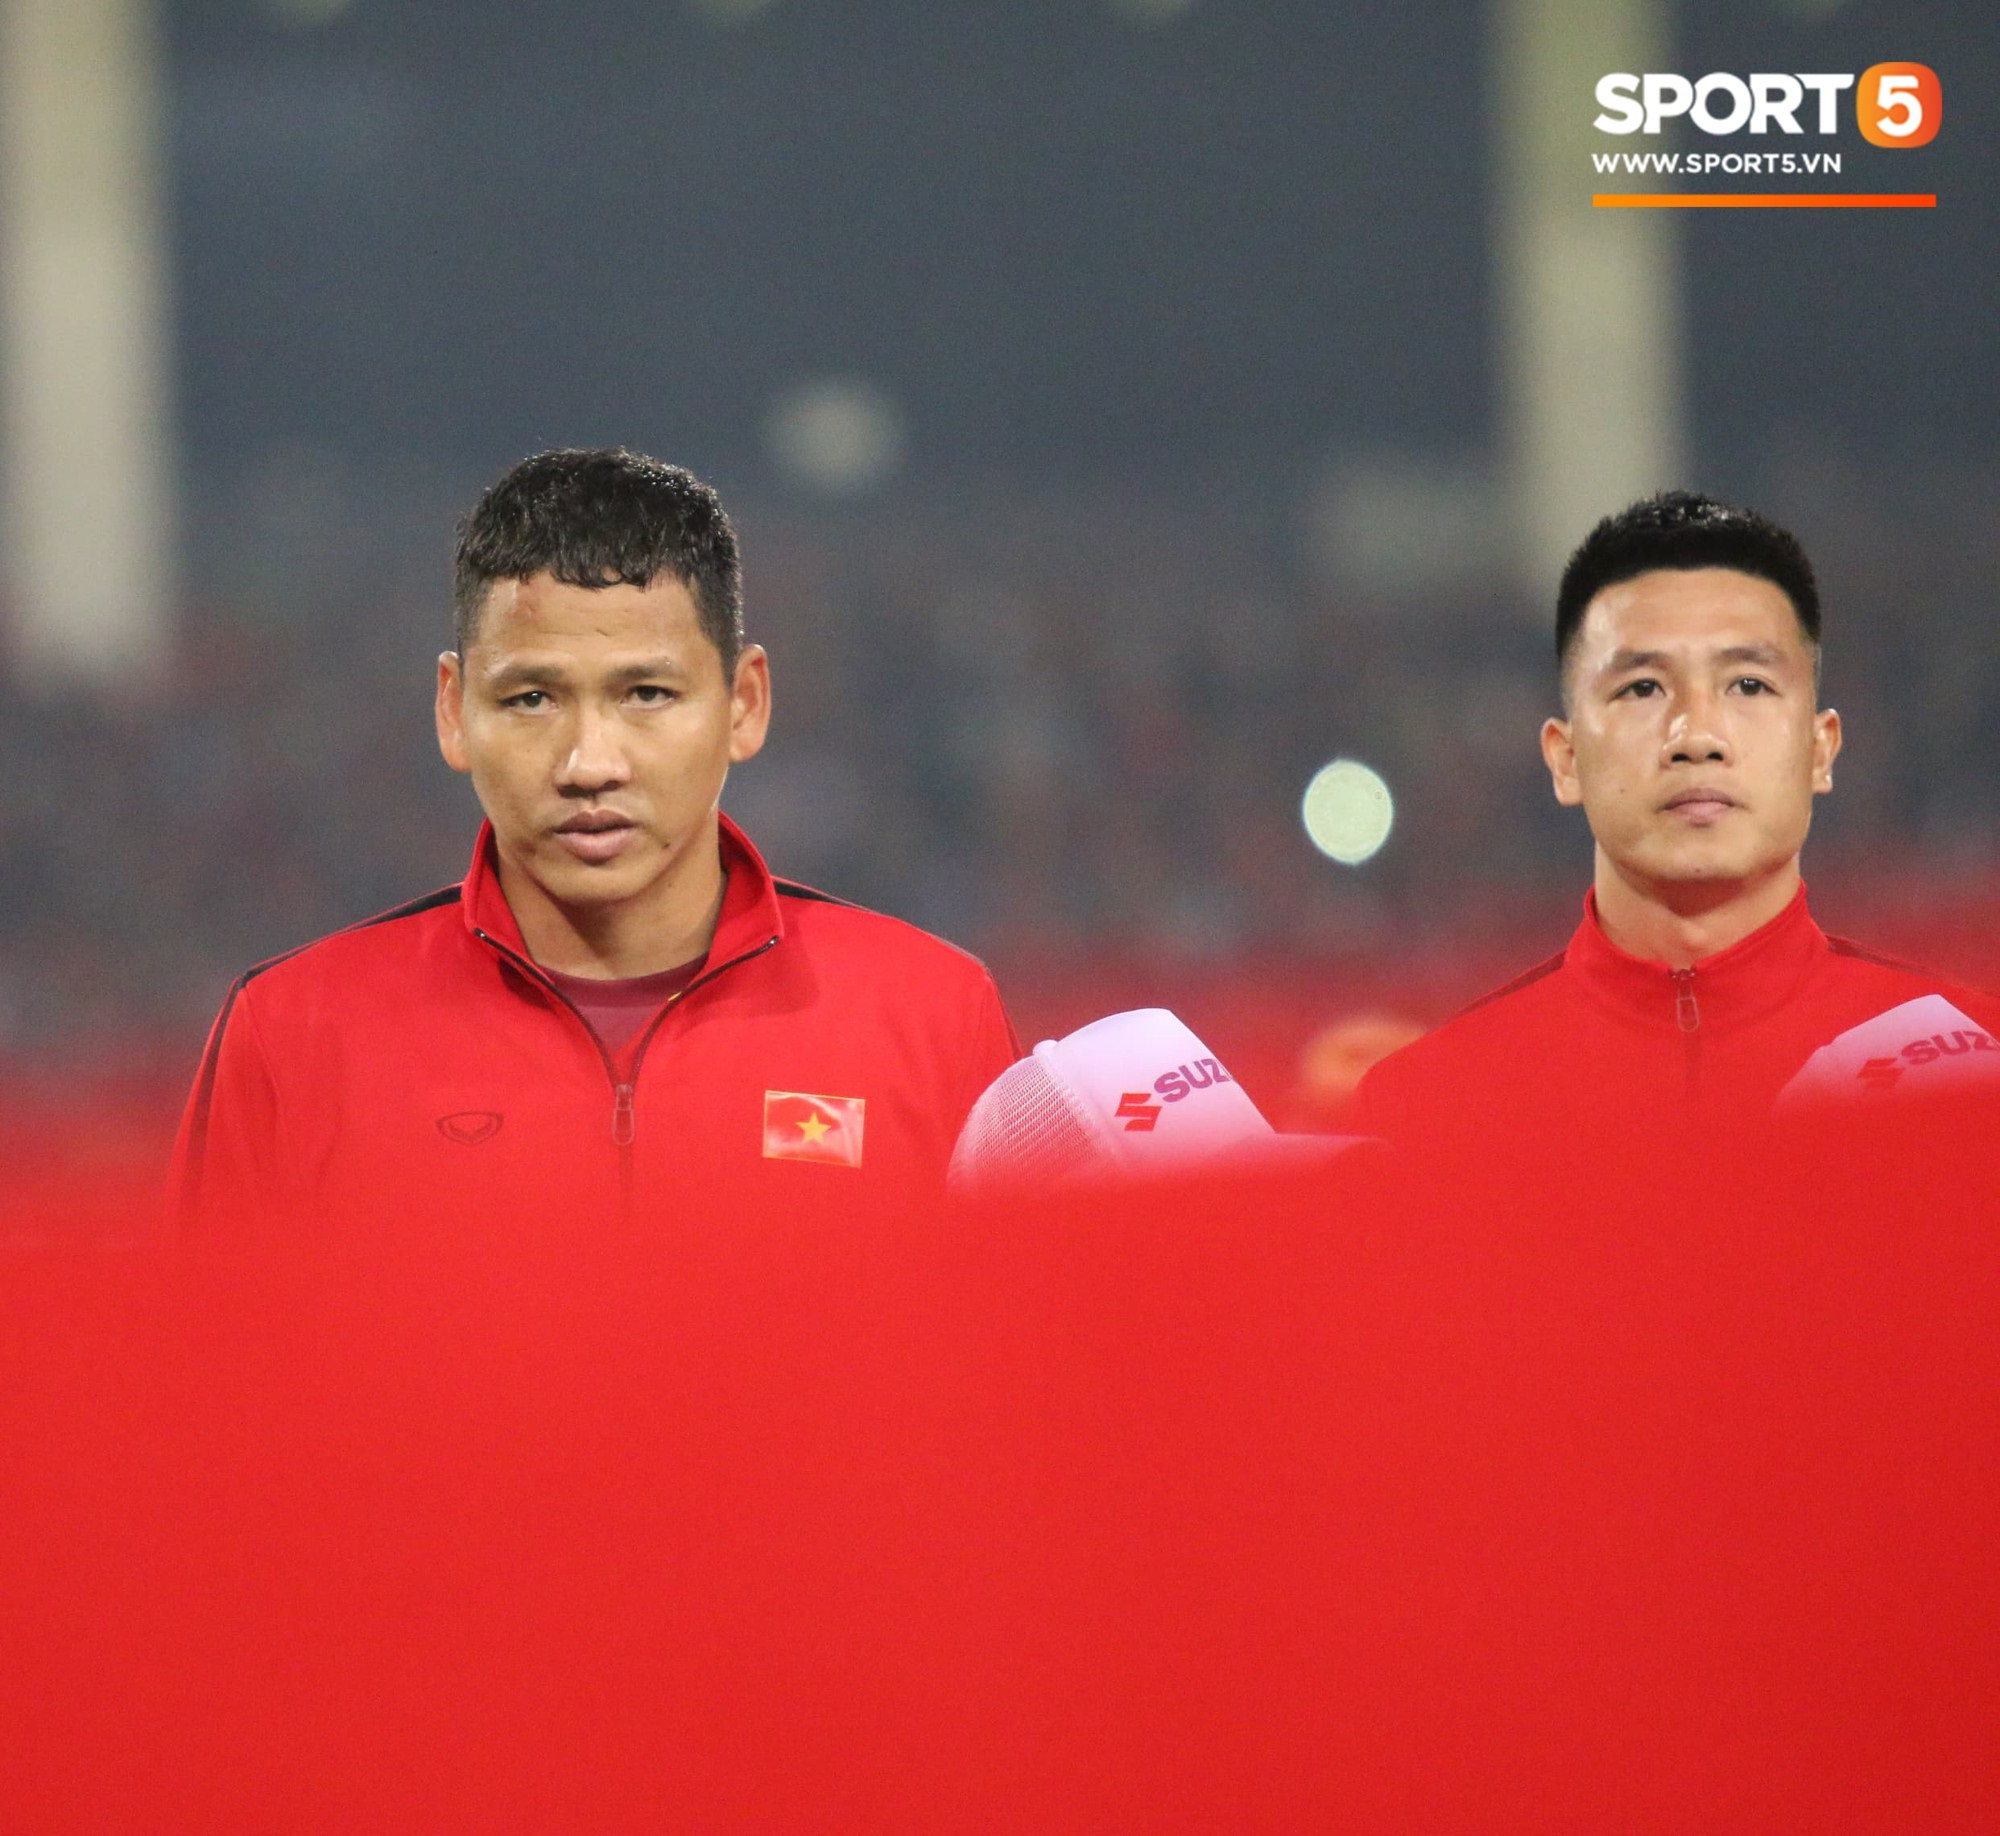 Giây phút chào cờ xúc động của đội tuyển Việt Nam, Đình Trọng, Hồng Duy cùng cầu nguyện trước khi xung trận - Ảnh 8